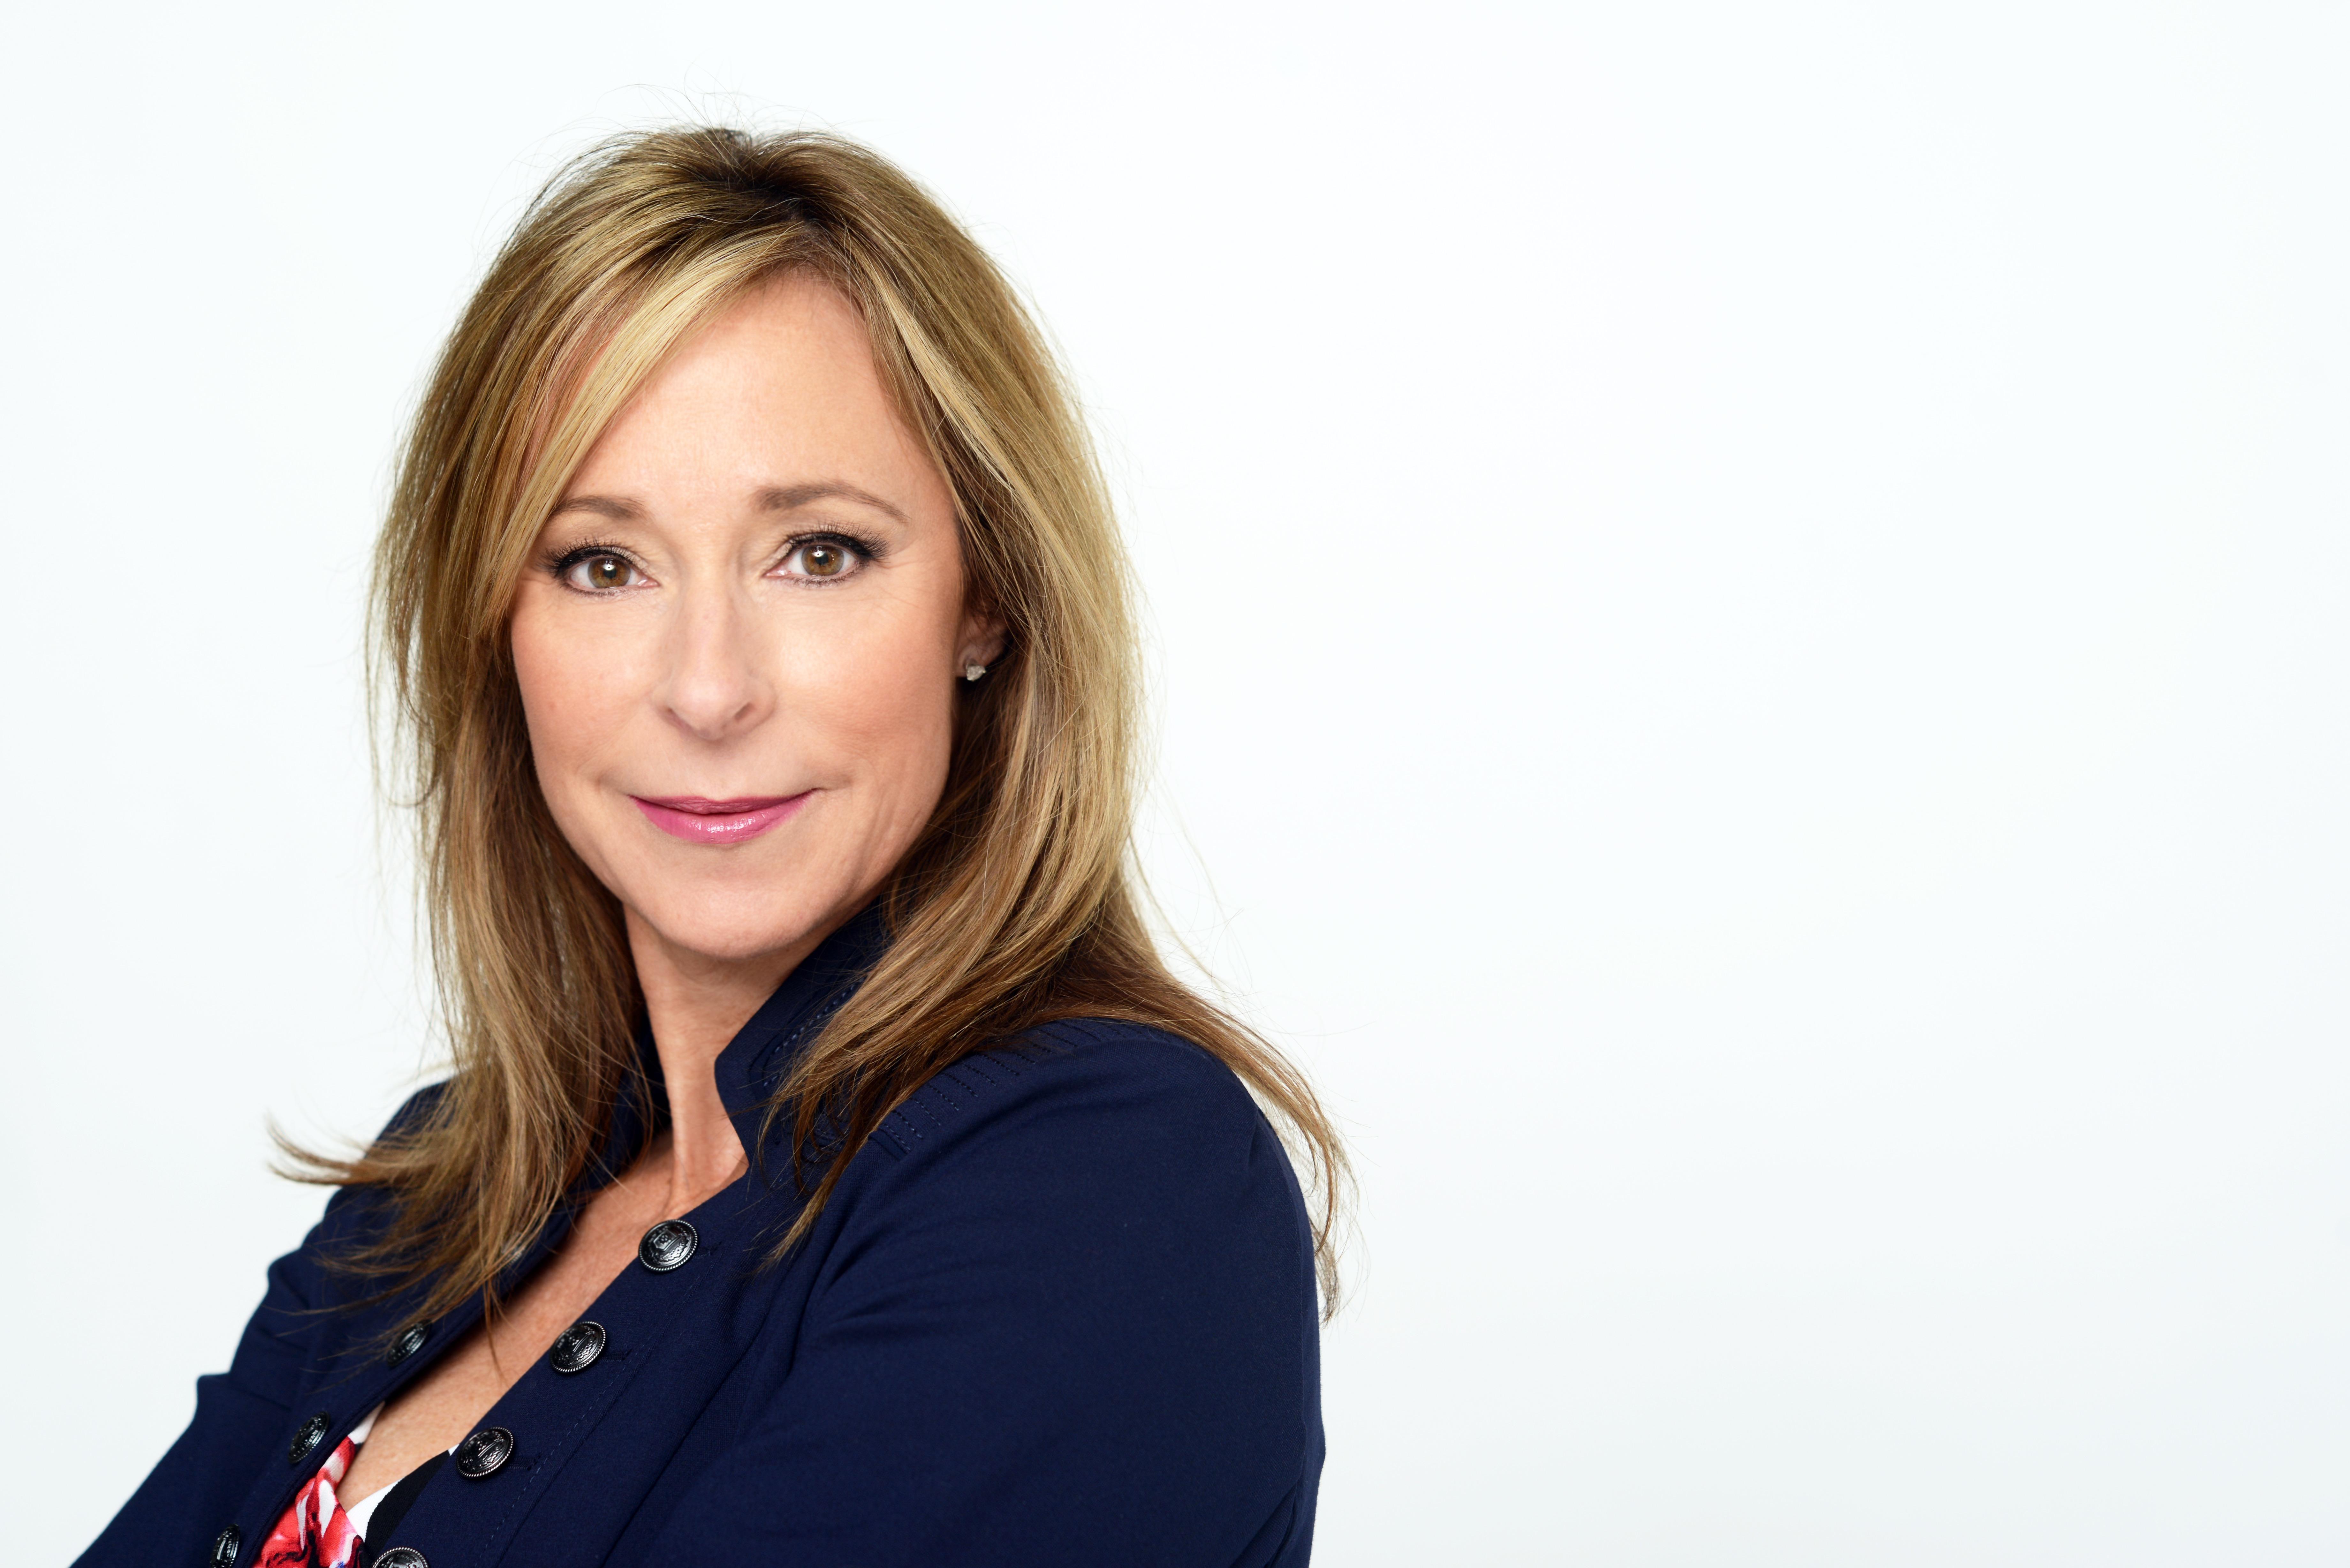 Lisa Stover profile image